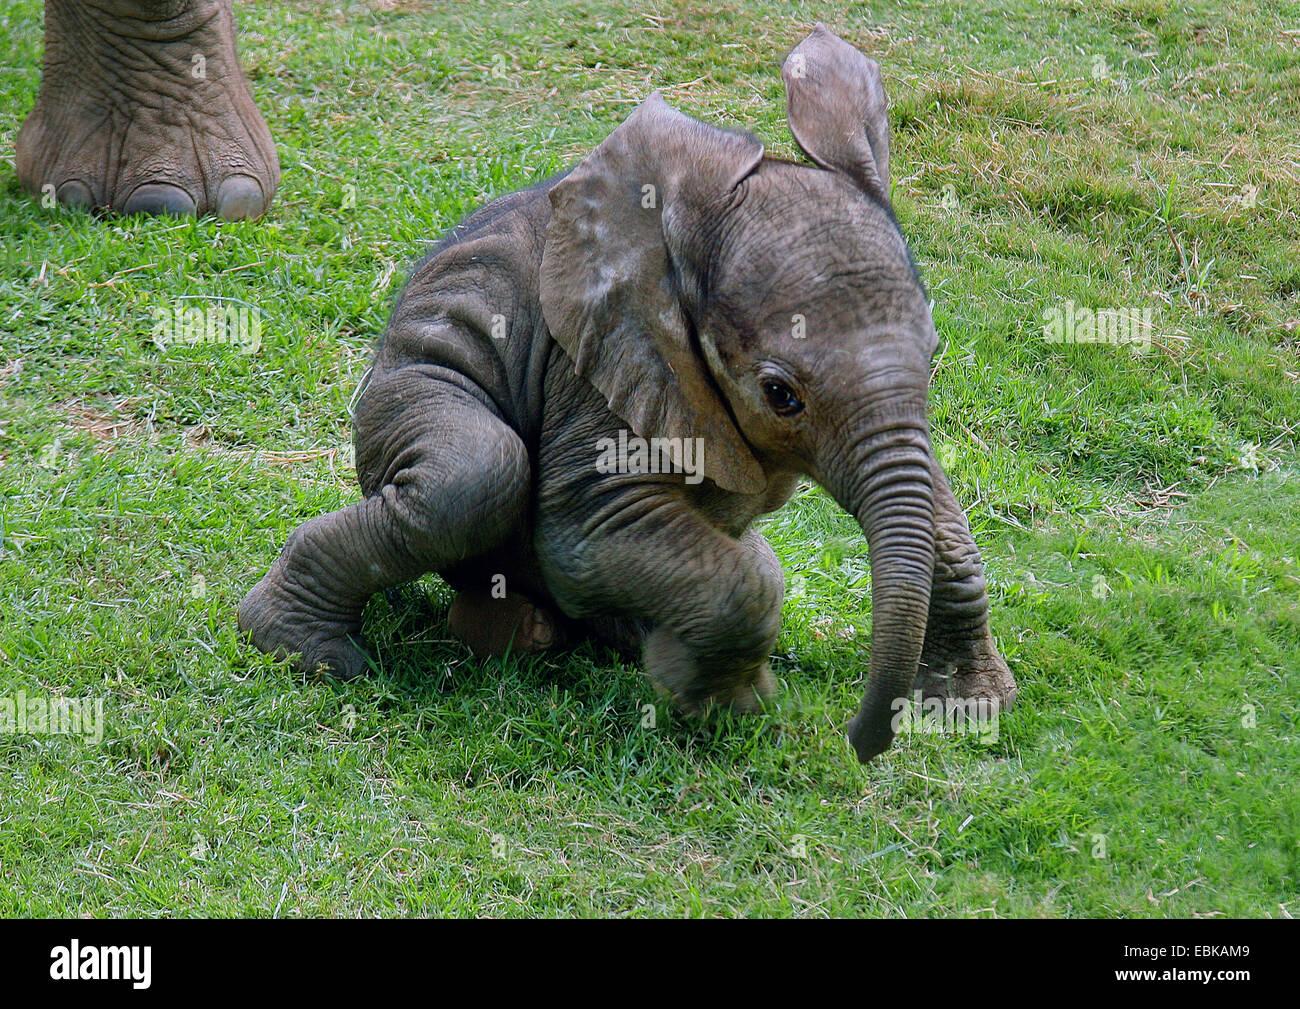 Elefante africano (Loxodonta africana), el bebé elefante en una pradera, Kenya, el Parque Nacional de Amboseli Imagen De Stock